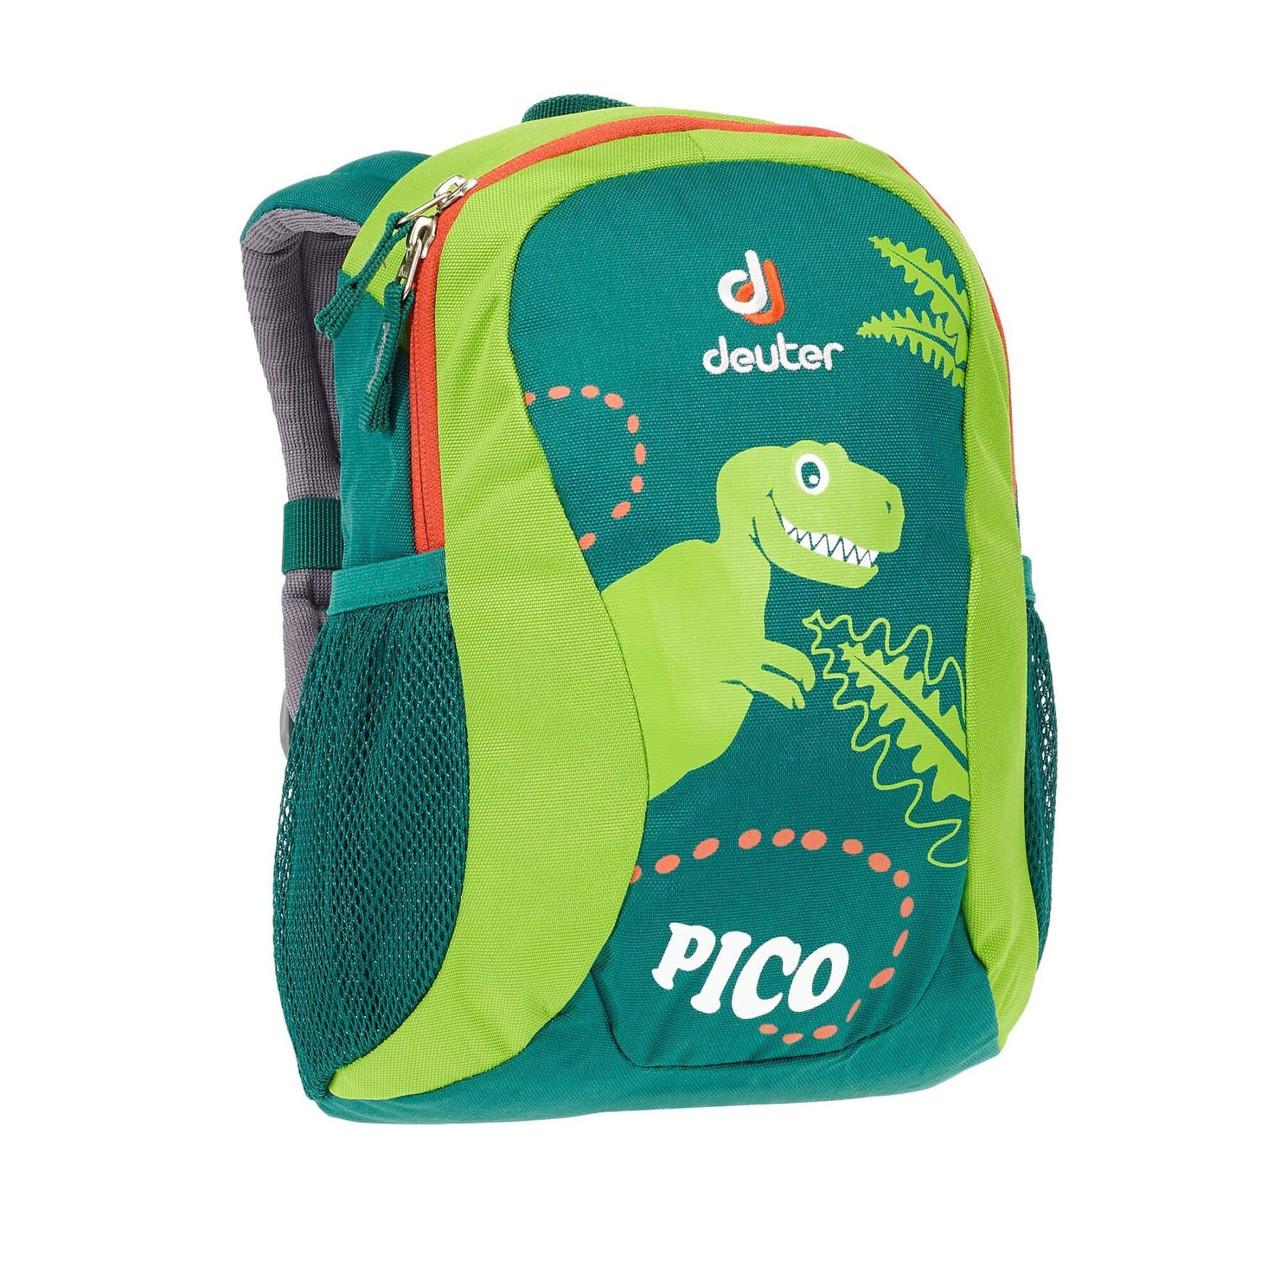 Рюкзак детский Deuter Pico alpinegreen-kiwi (36043 2234)